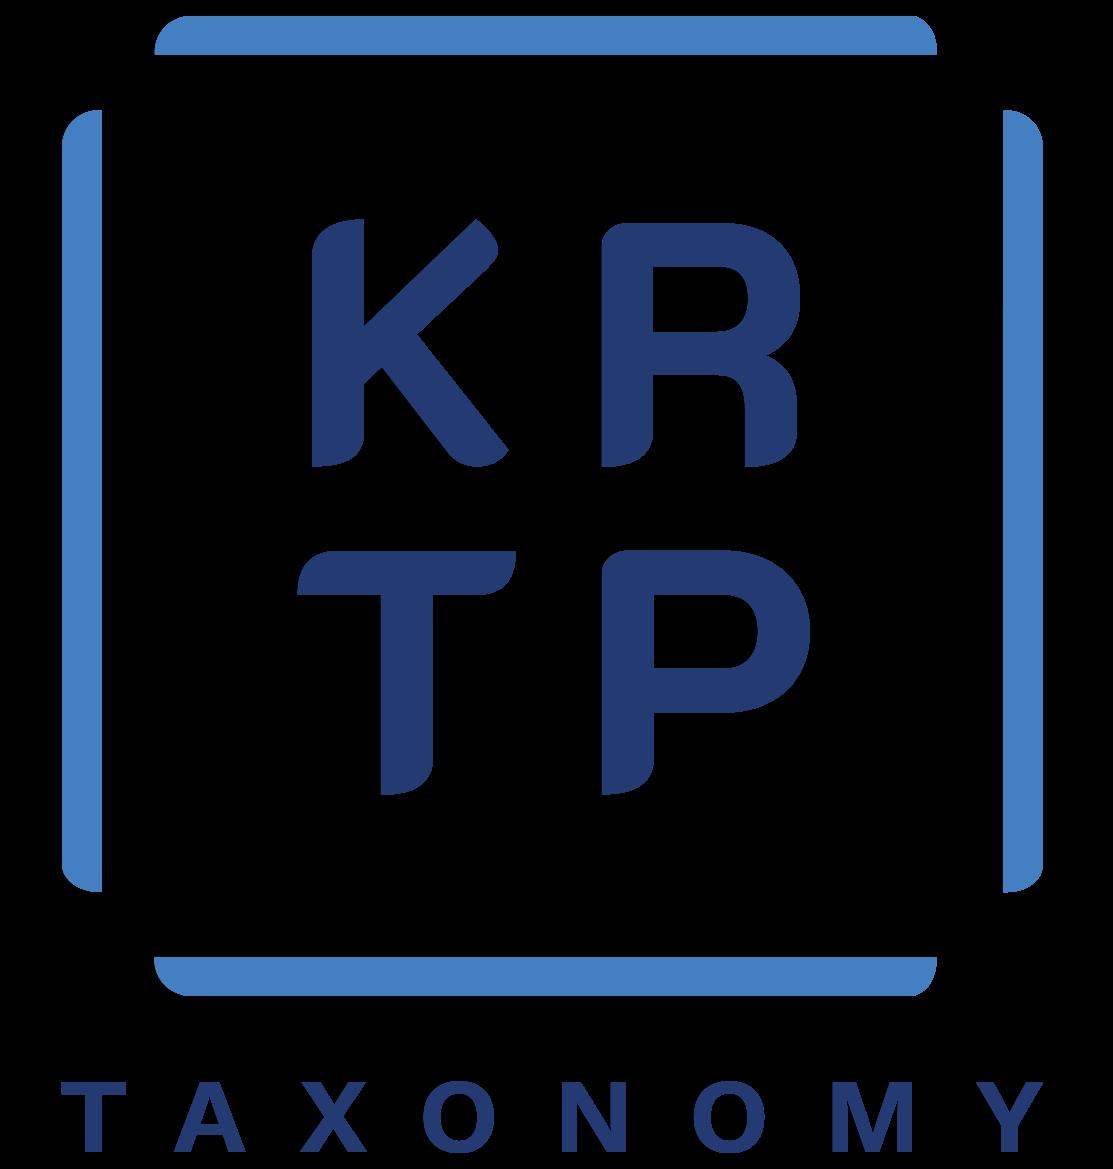 KRTP Taxonomy